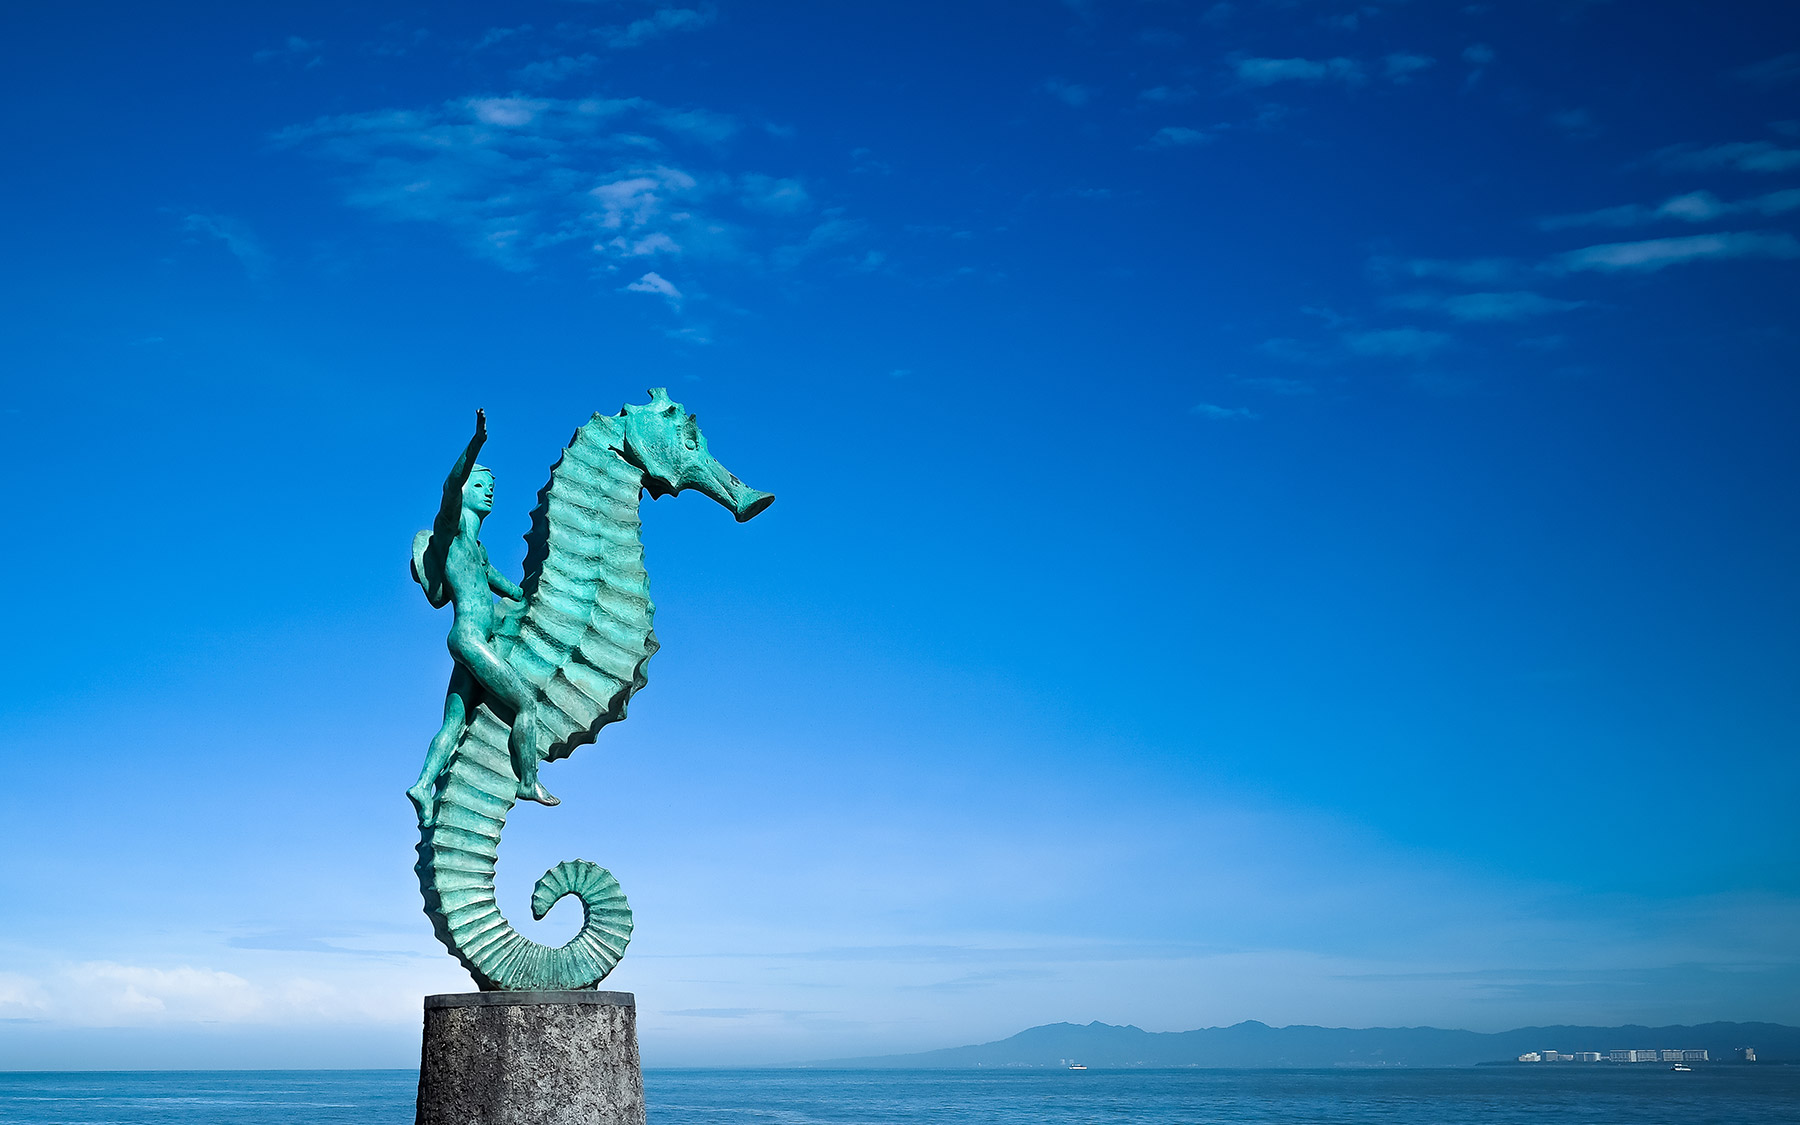 El niño sobre el caballo, ícono de Puerto Vallarta por el escultor Rafael Zamarripa